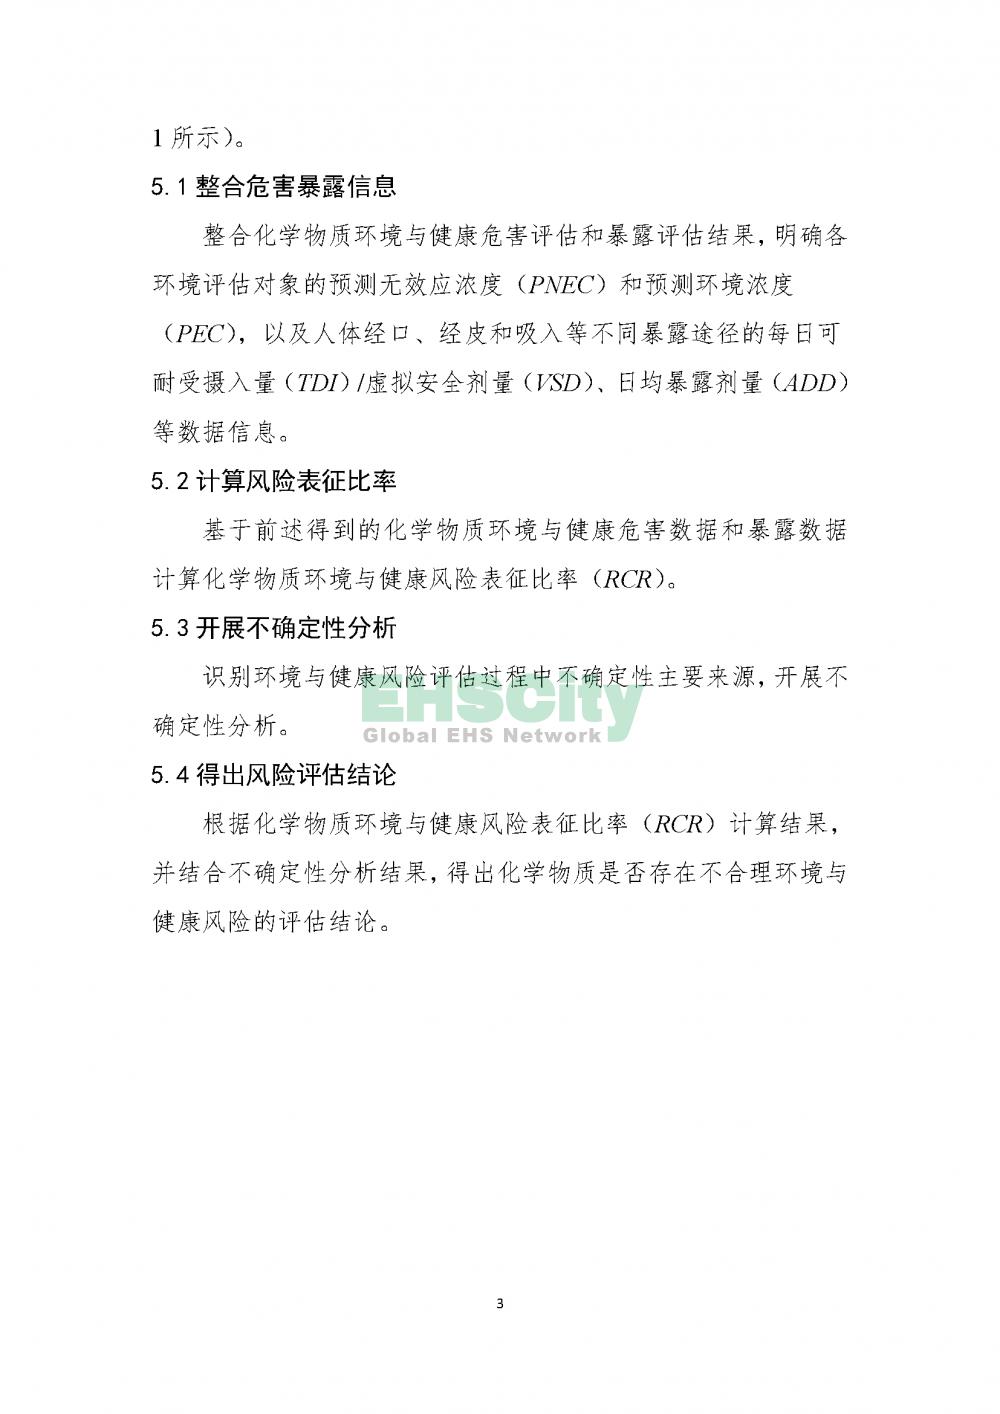 3化学物质环境与健康风险表征技术导则_页面_05